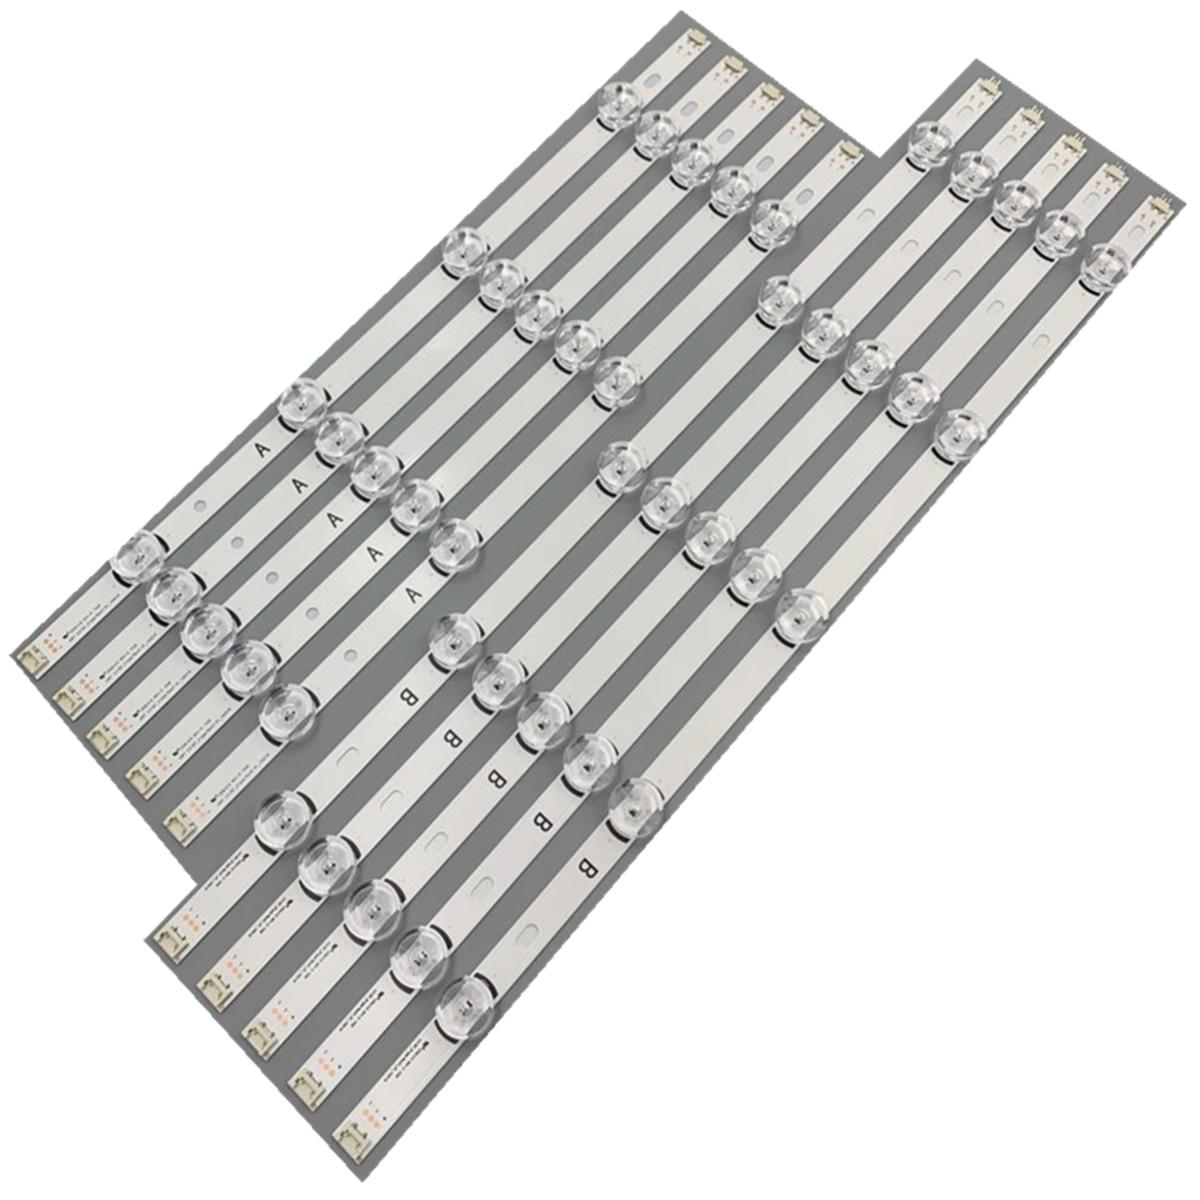 1 مجموعة = 10 قطعة LED قطاع LG Innotek Drt 3.0 50